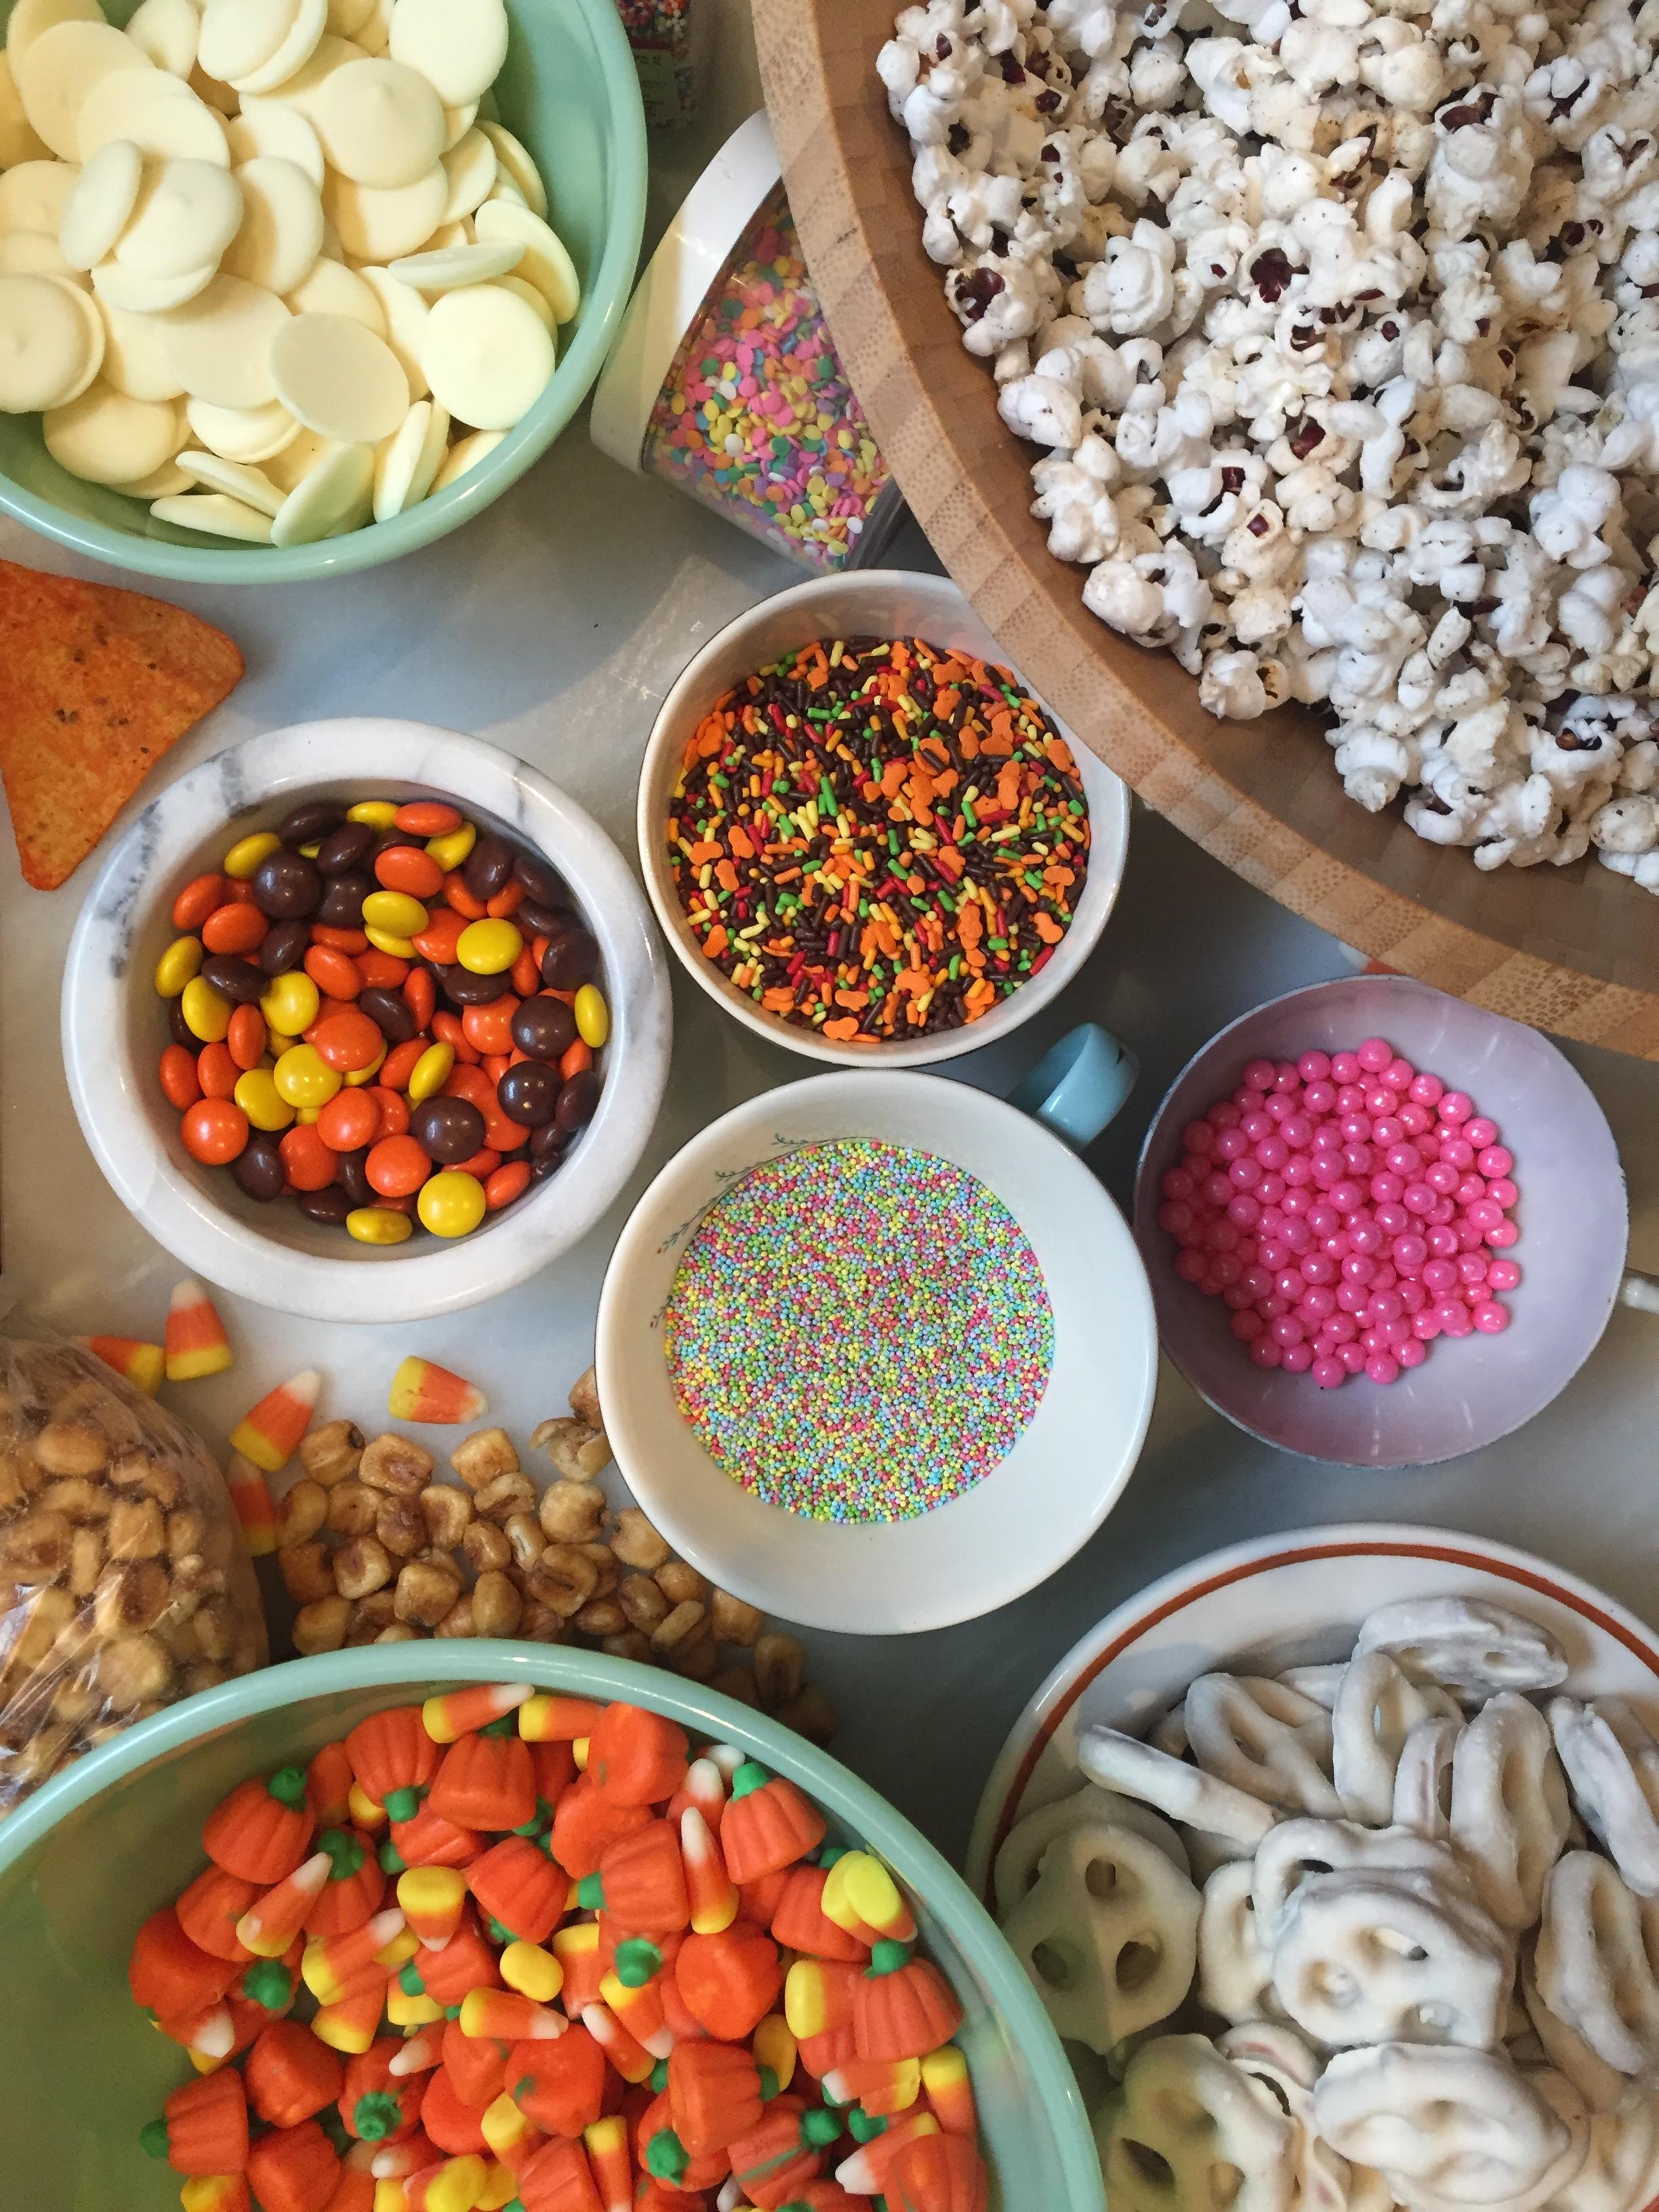 10-30_candy_corn2.JPG